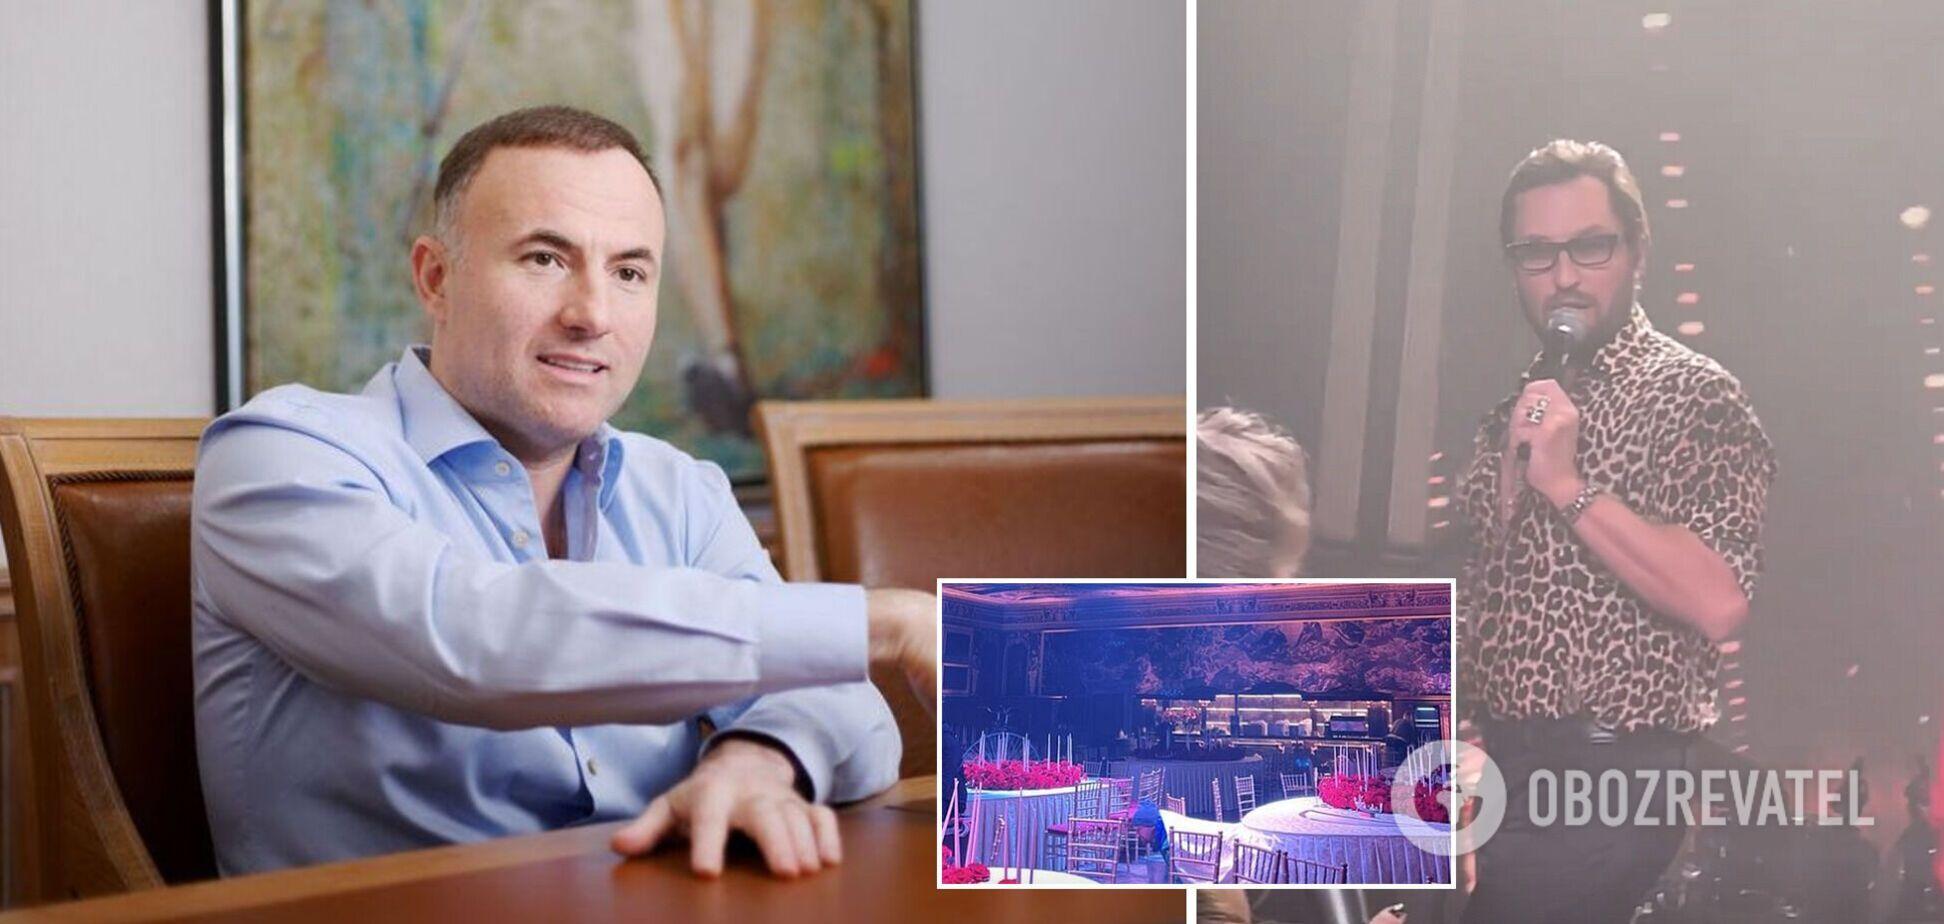 Политики, звезды и скандальные бизнесмены: подсанкционный олигарх Фукс закатил грандиозный банкет по случаю юбилея. Фото